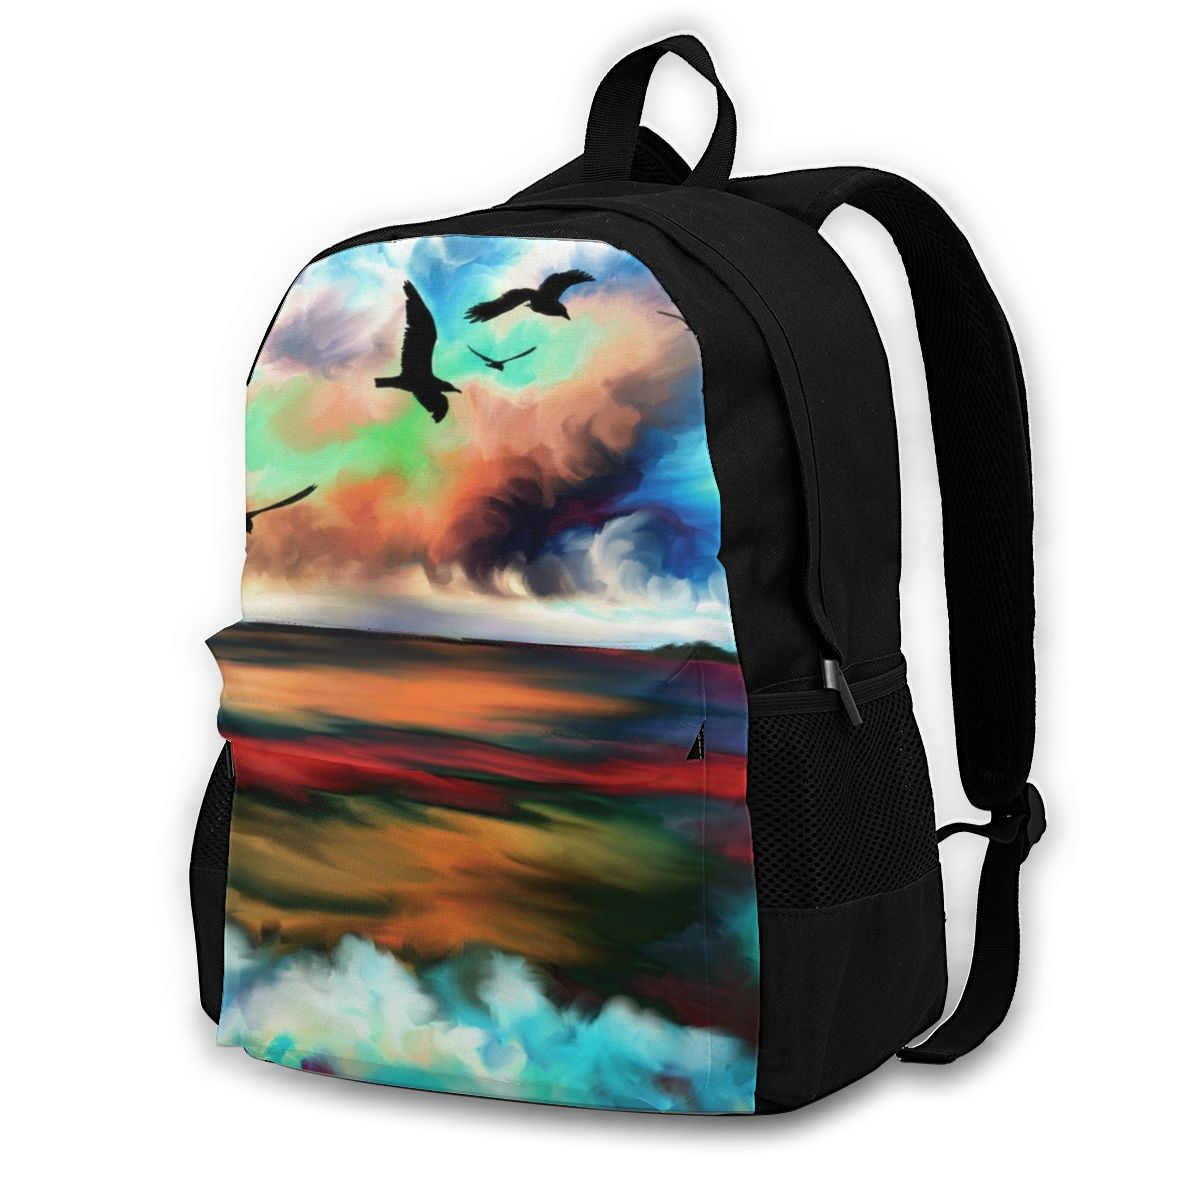 على ظهره حقيبة سفر عادية المحيط موجات الطيور البحر السماء المد الاستوائية حقيبة مدرسية حقيبة كتف الموضة للفتيات في سن المراهقة على ظهره